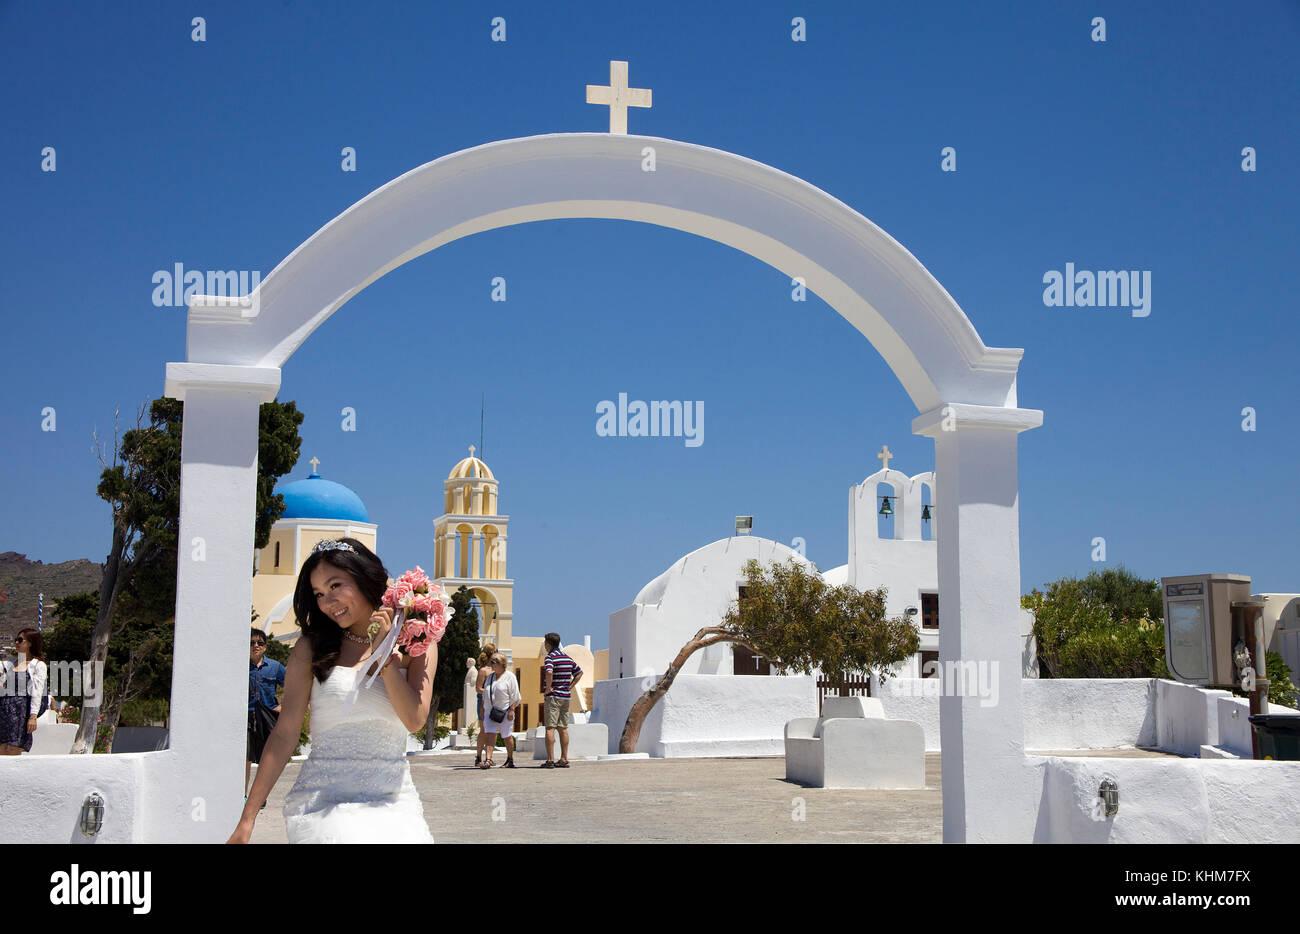 Hochzeitssuite mit Brautstrauß in der orthodoxen Kirche, Oia, Santorin Insel, Kykladen, Ägäis, Griechenland Stockbild